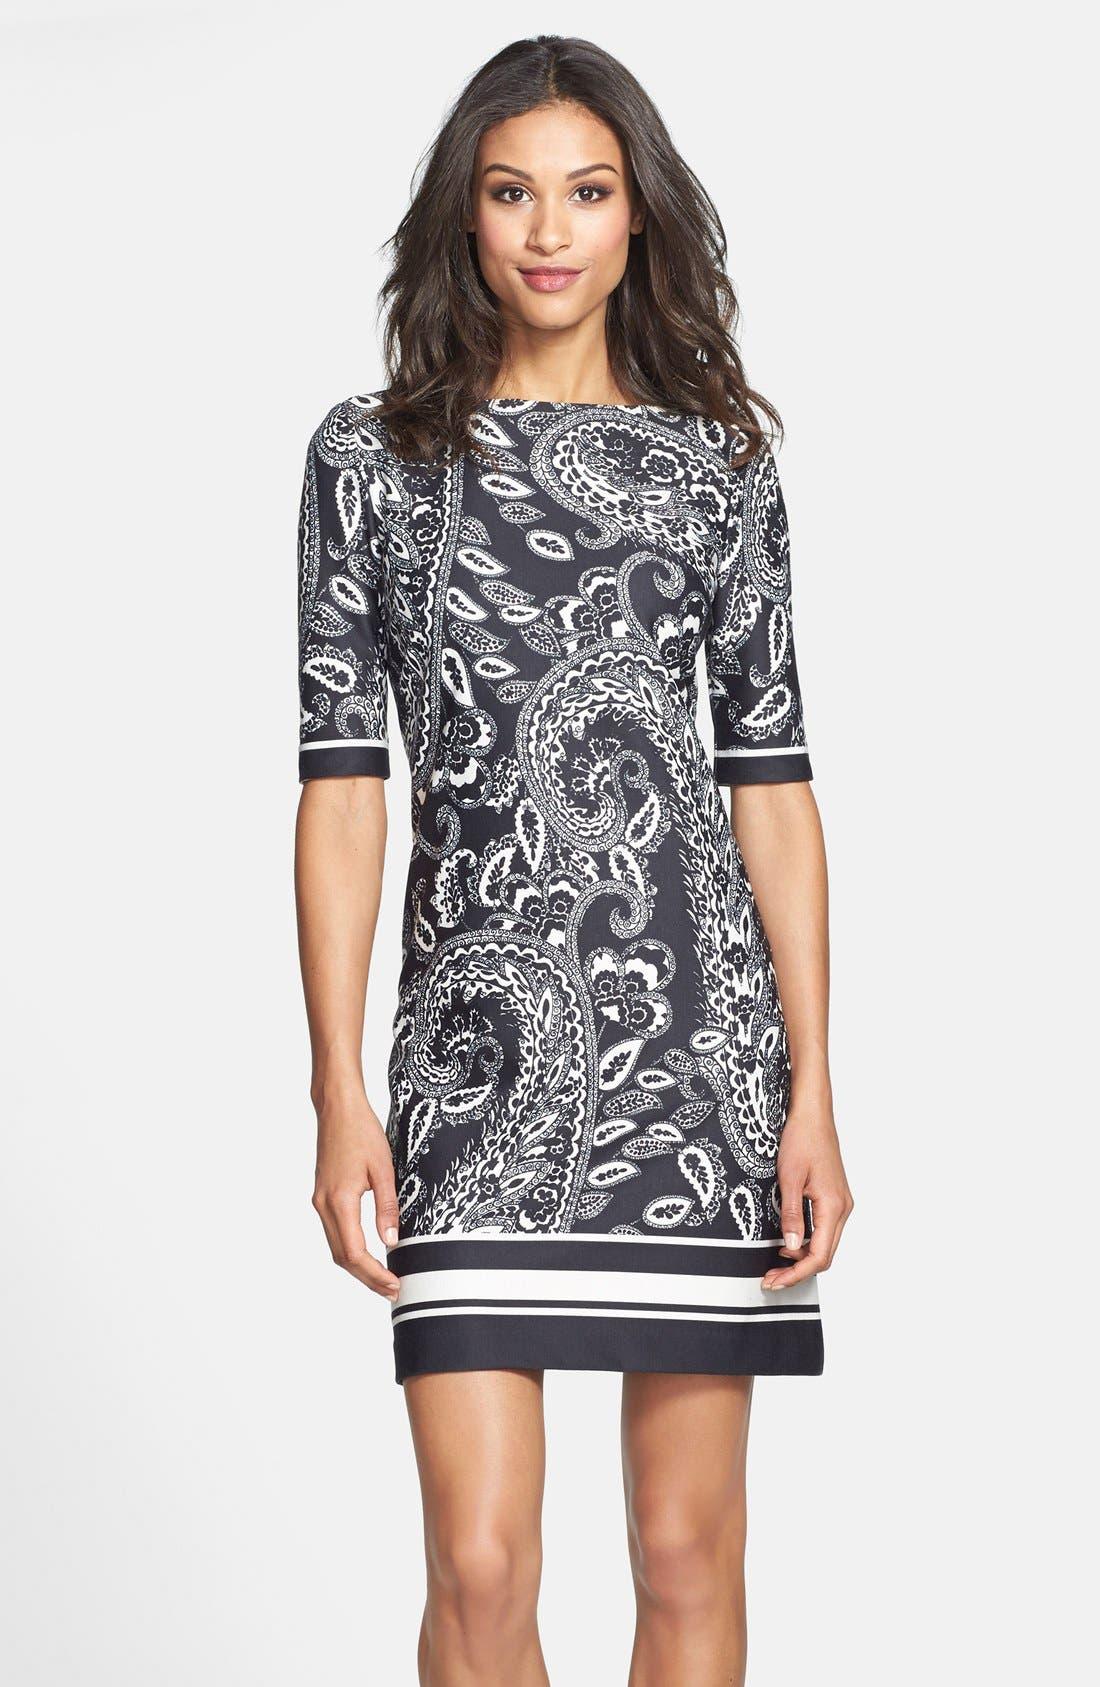 Alternate Image 1 Selected - Eliza J Print Ponte Knit Shift Dress (Online Only)